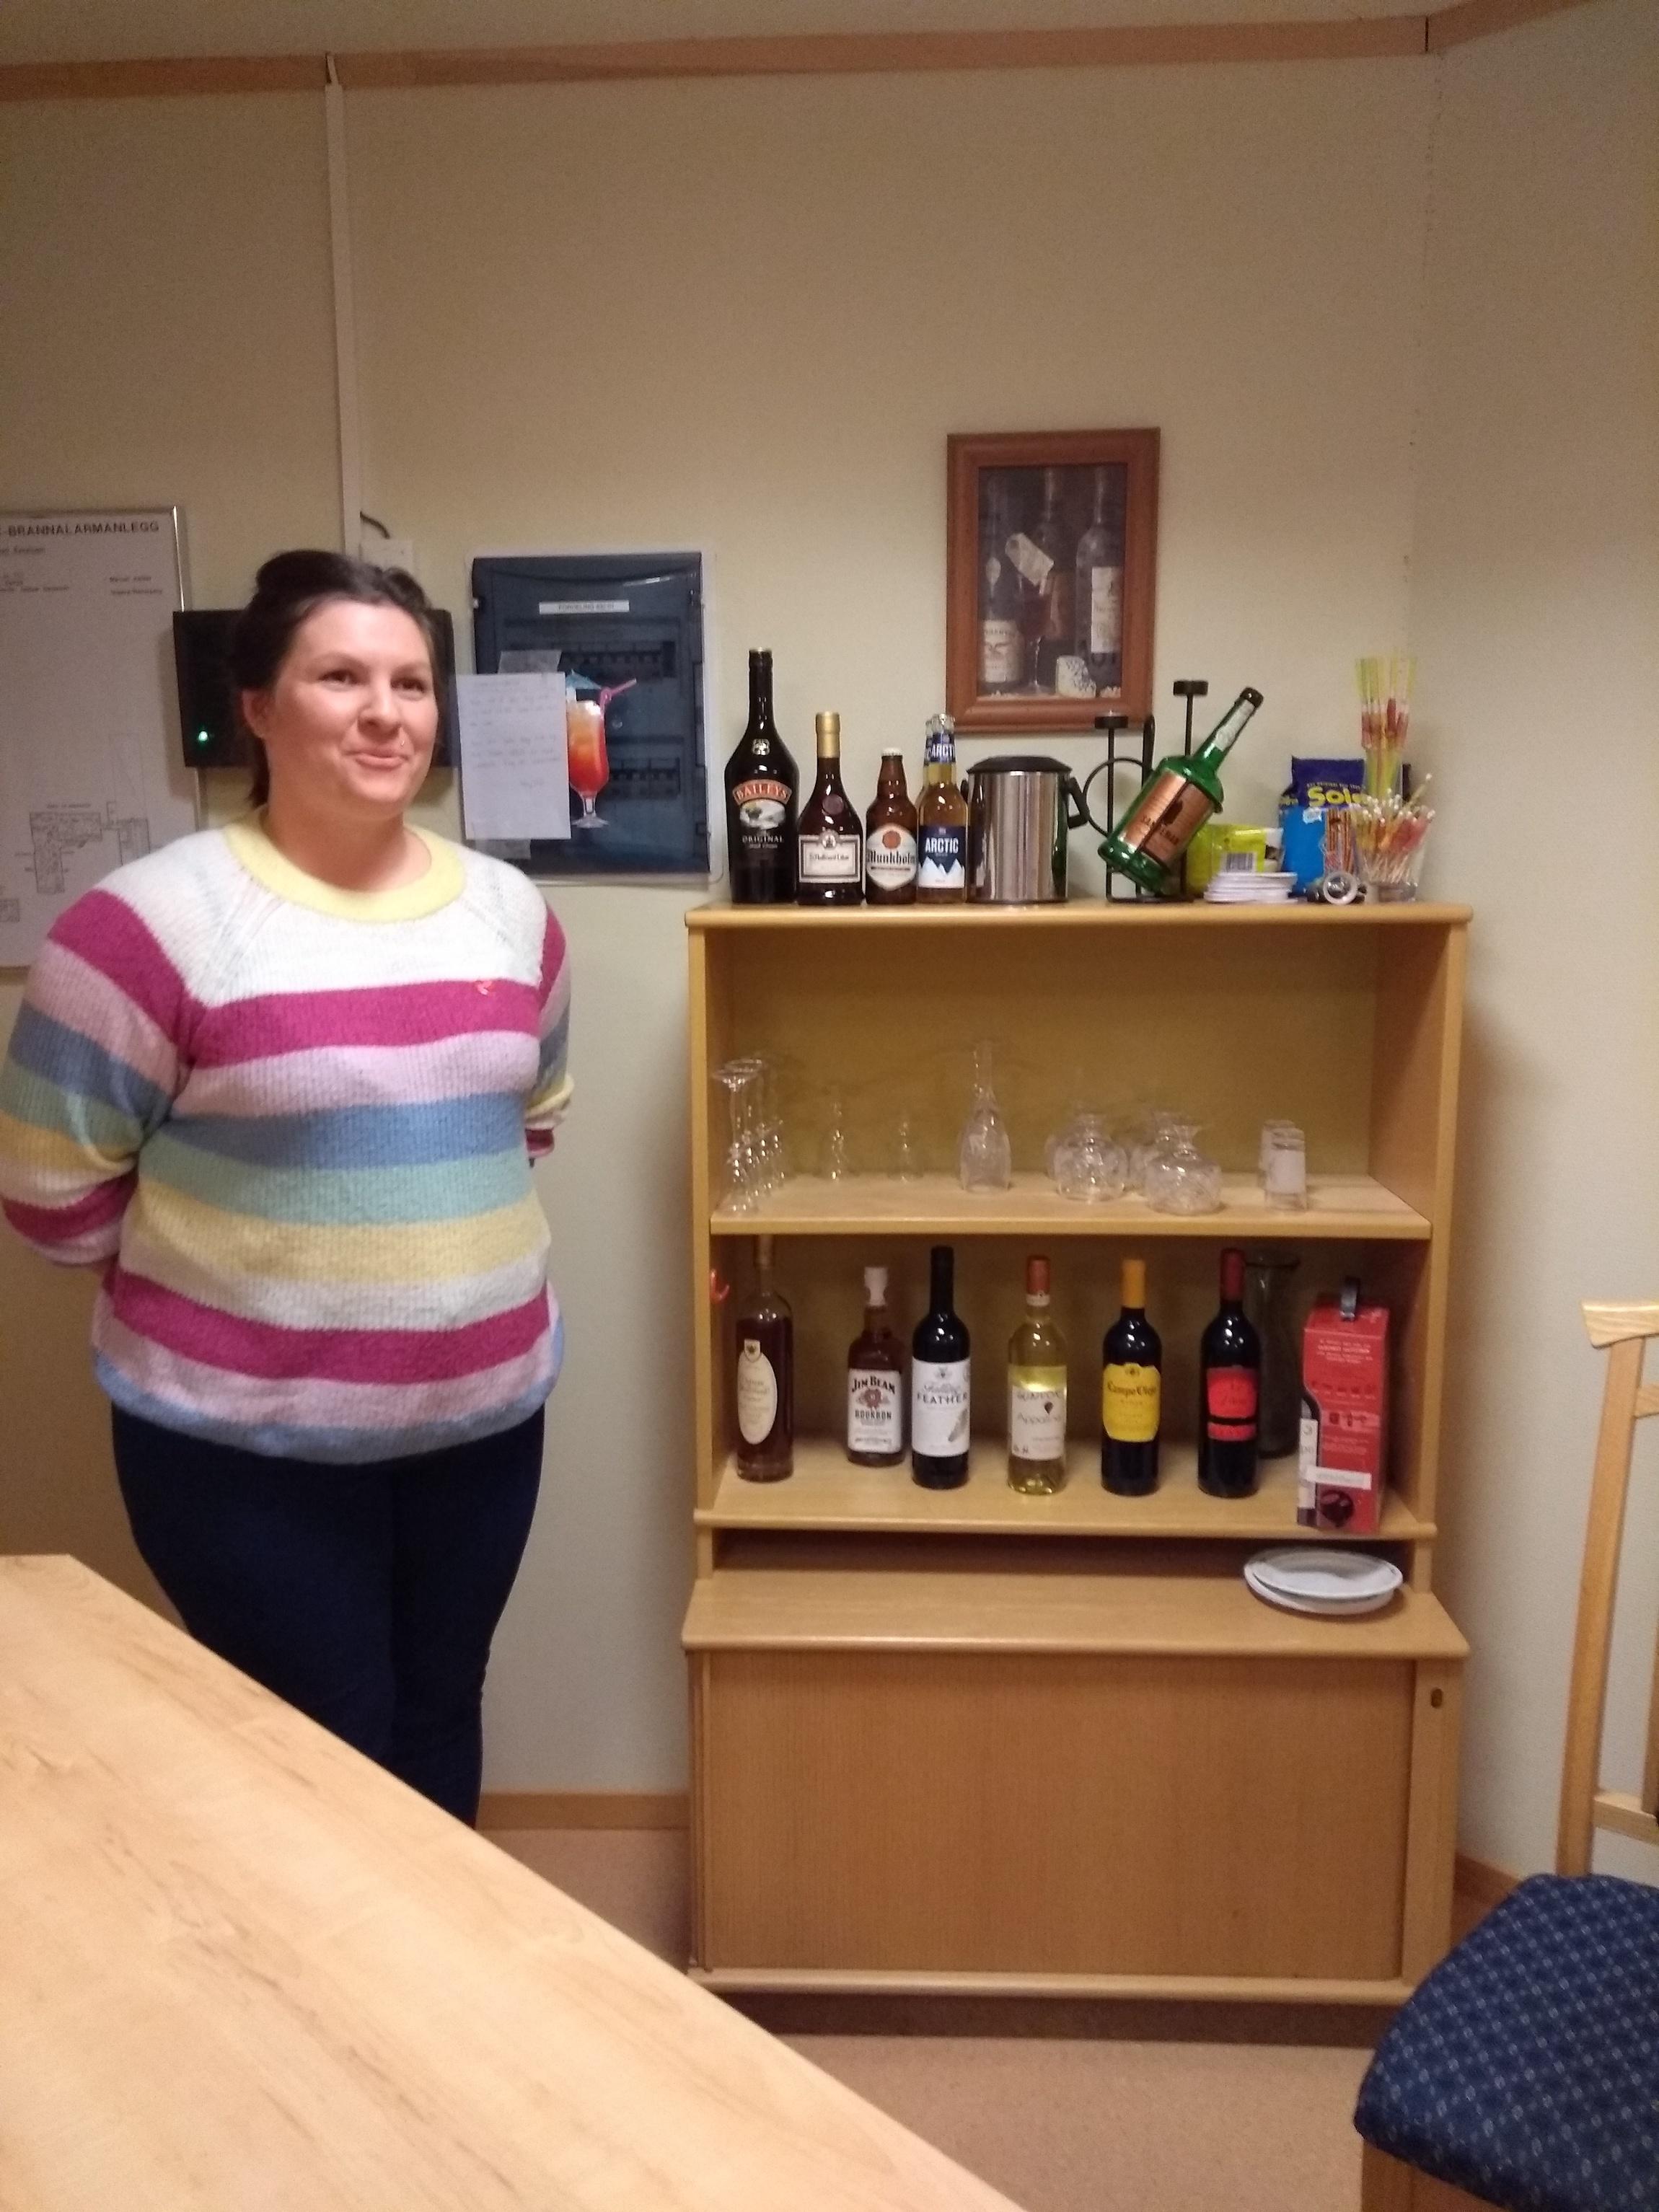 Sykehjemmet har egen bar og pårørende har bidratt med drikke